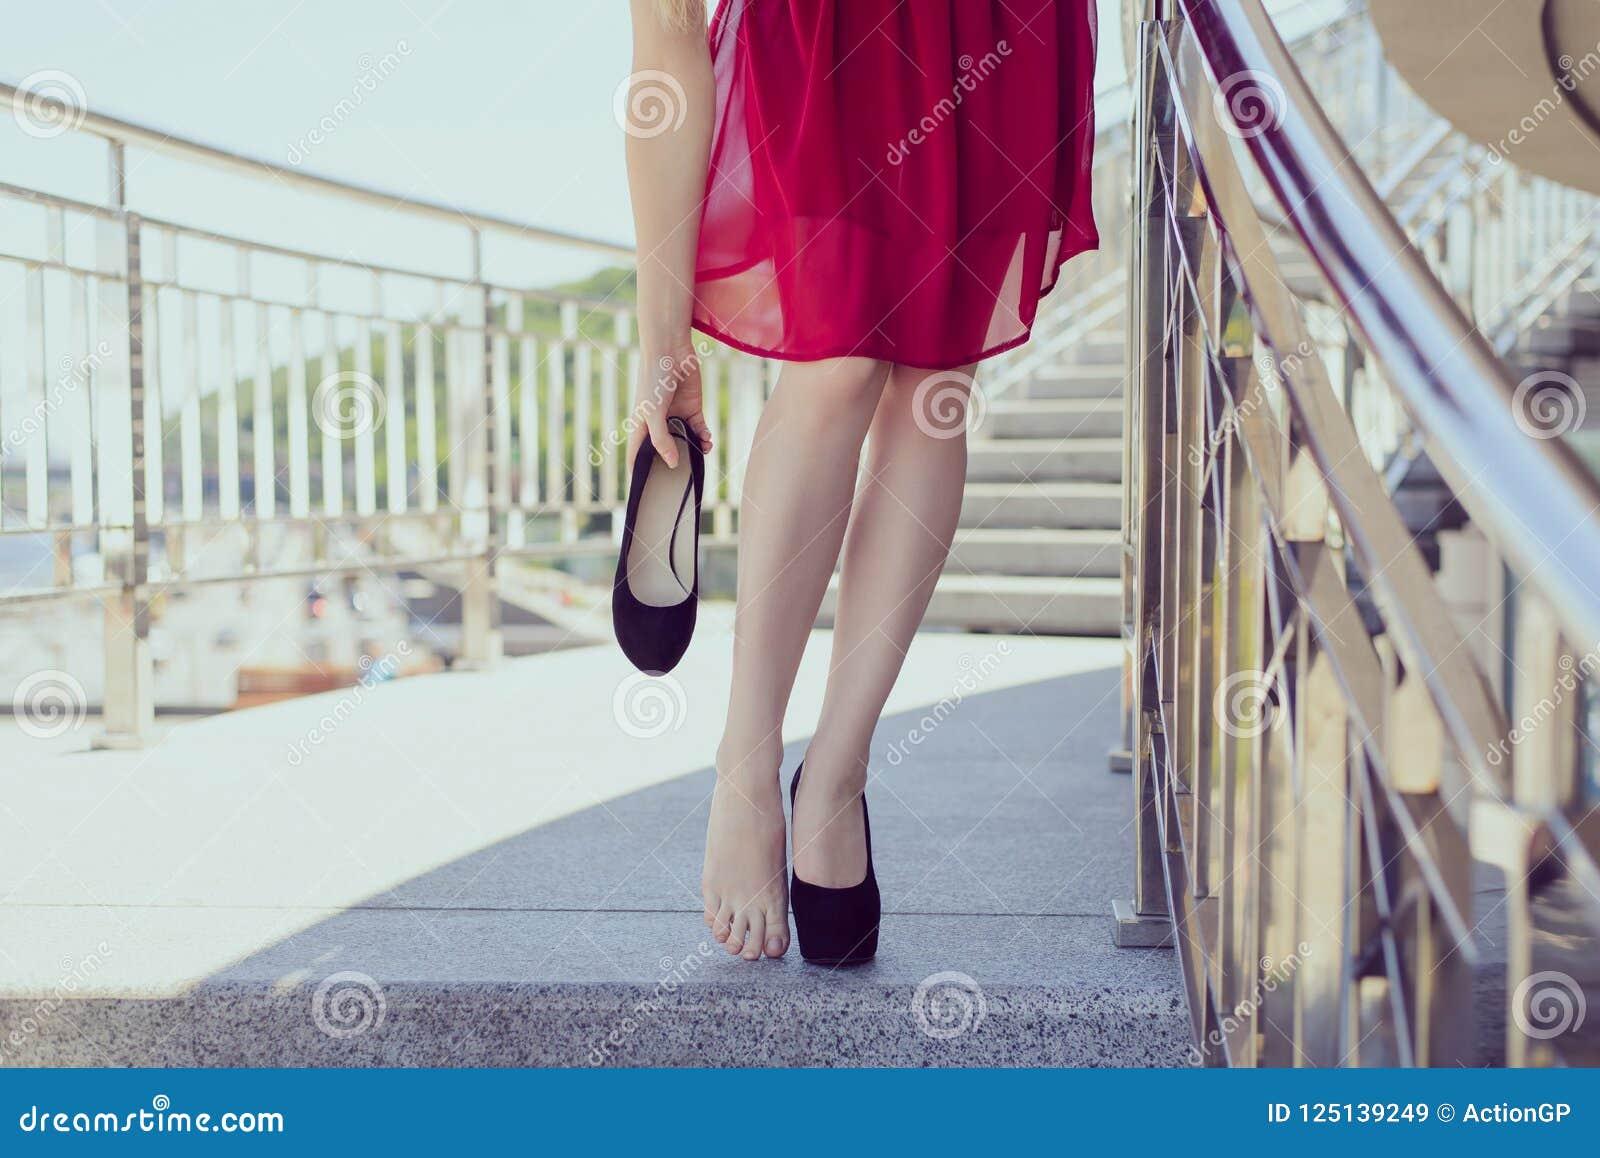 自由舒适鞋类辅助部件概念 关闭看法pho